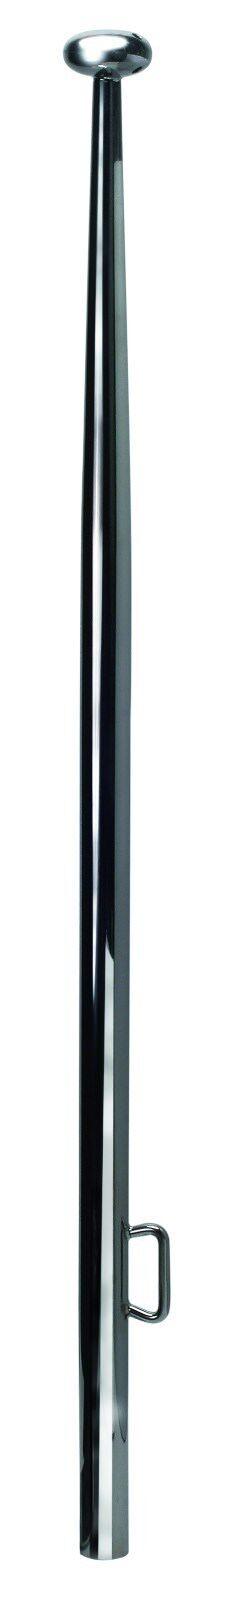 Ø 19mm 60° Winkel Wand-Halterung Flaggenstock-Fassaden-Halter Aluminium